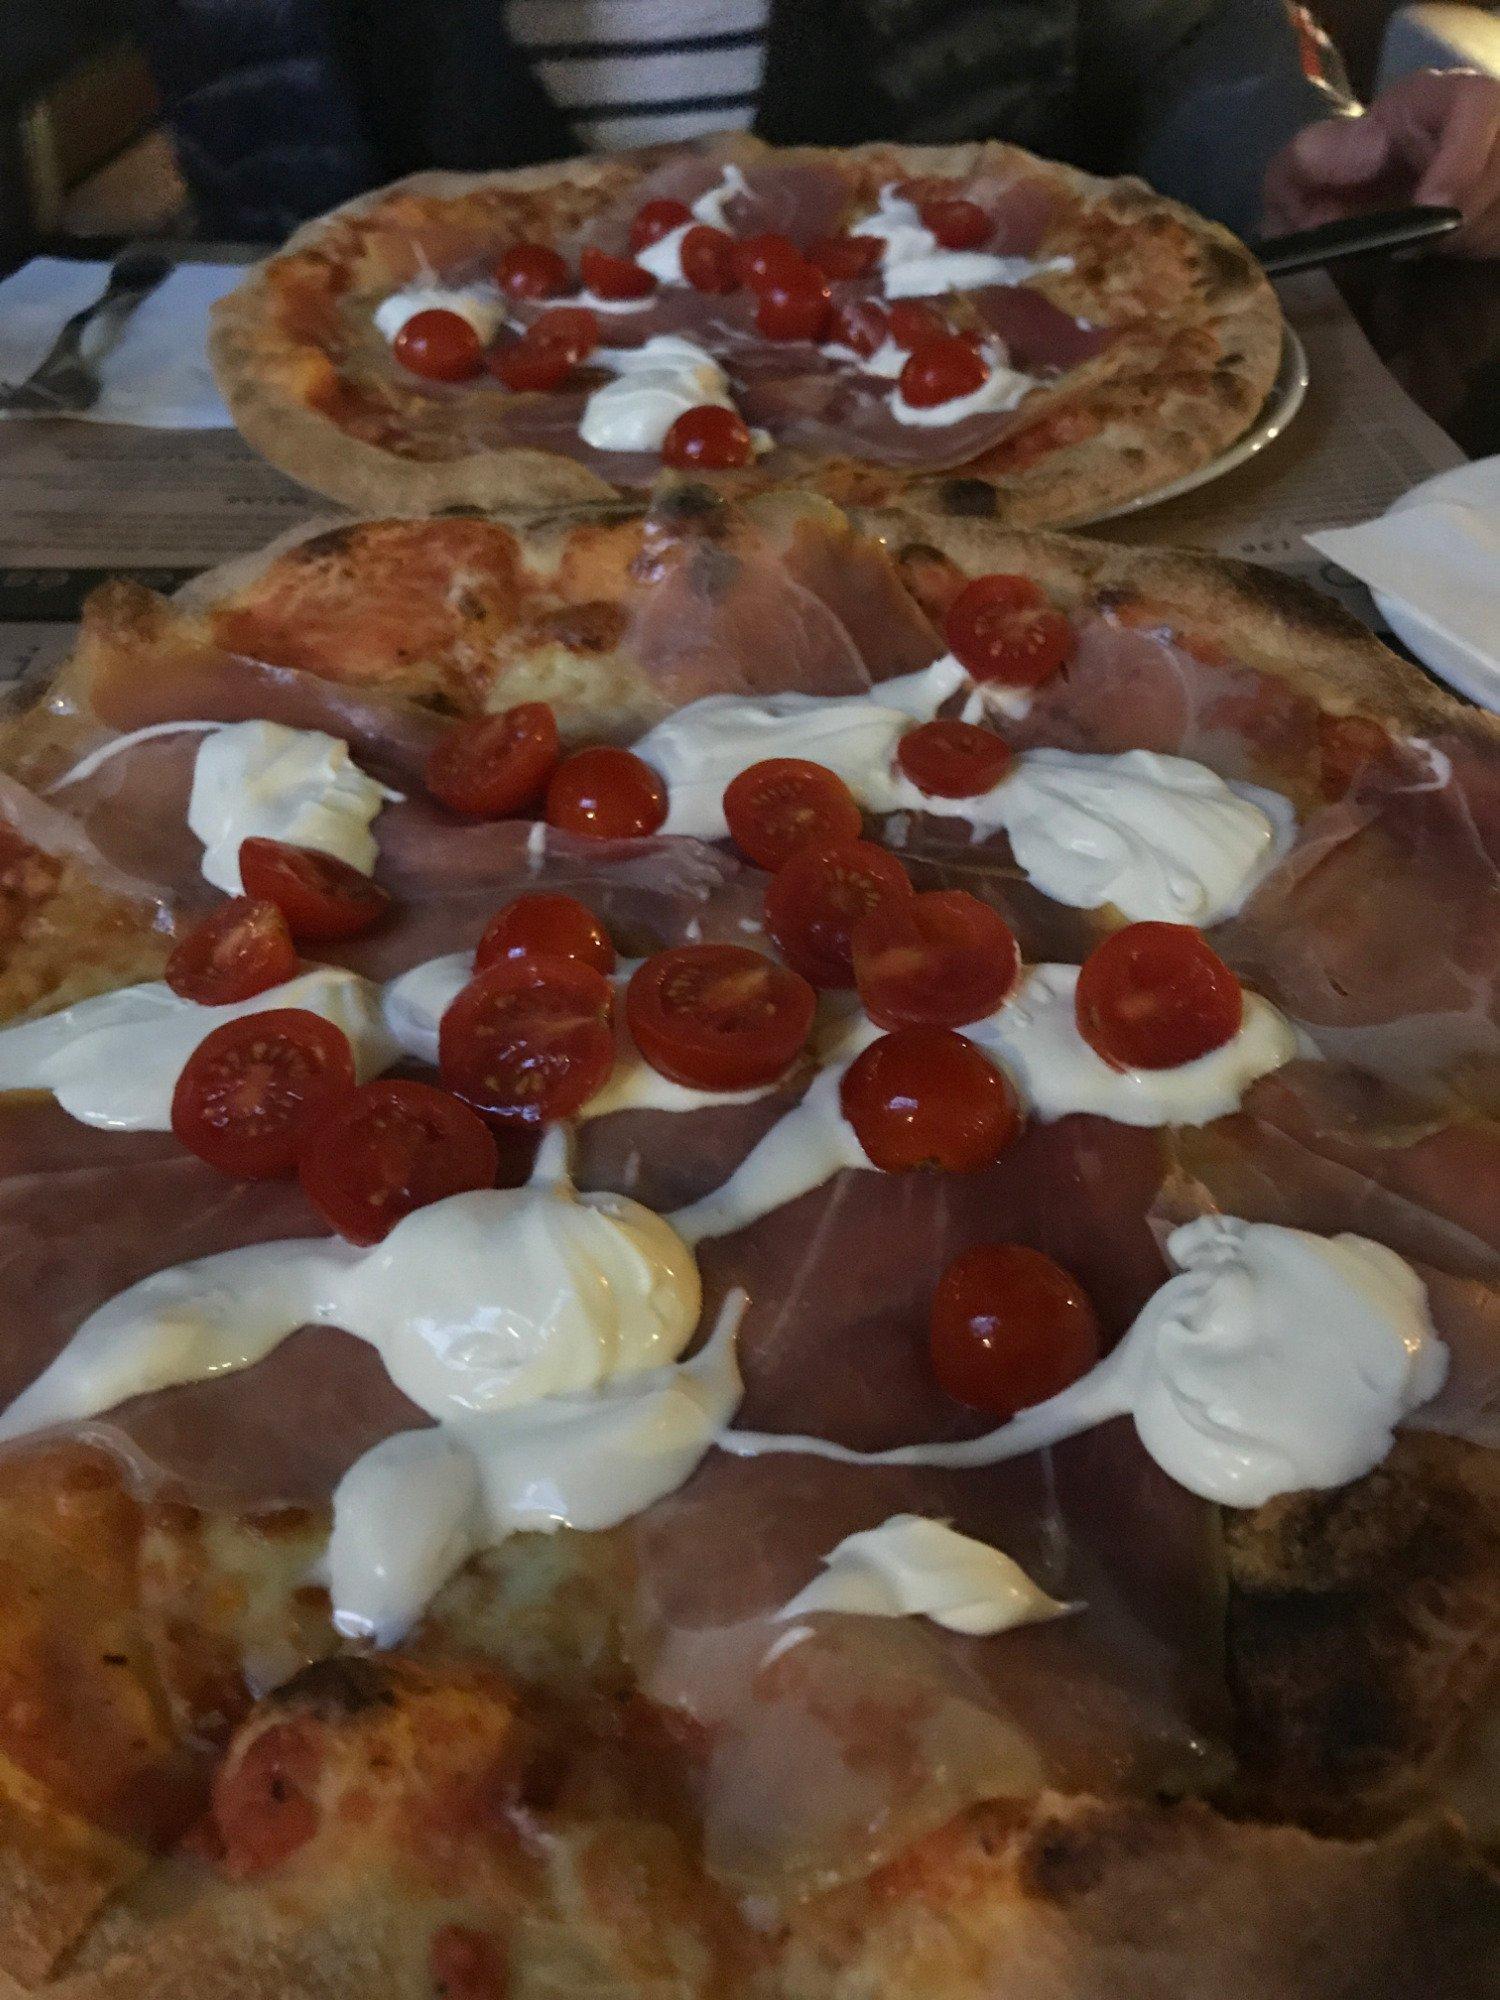 Mascarpone prosciutto pizza